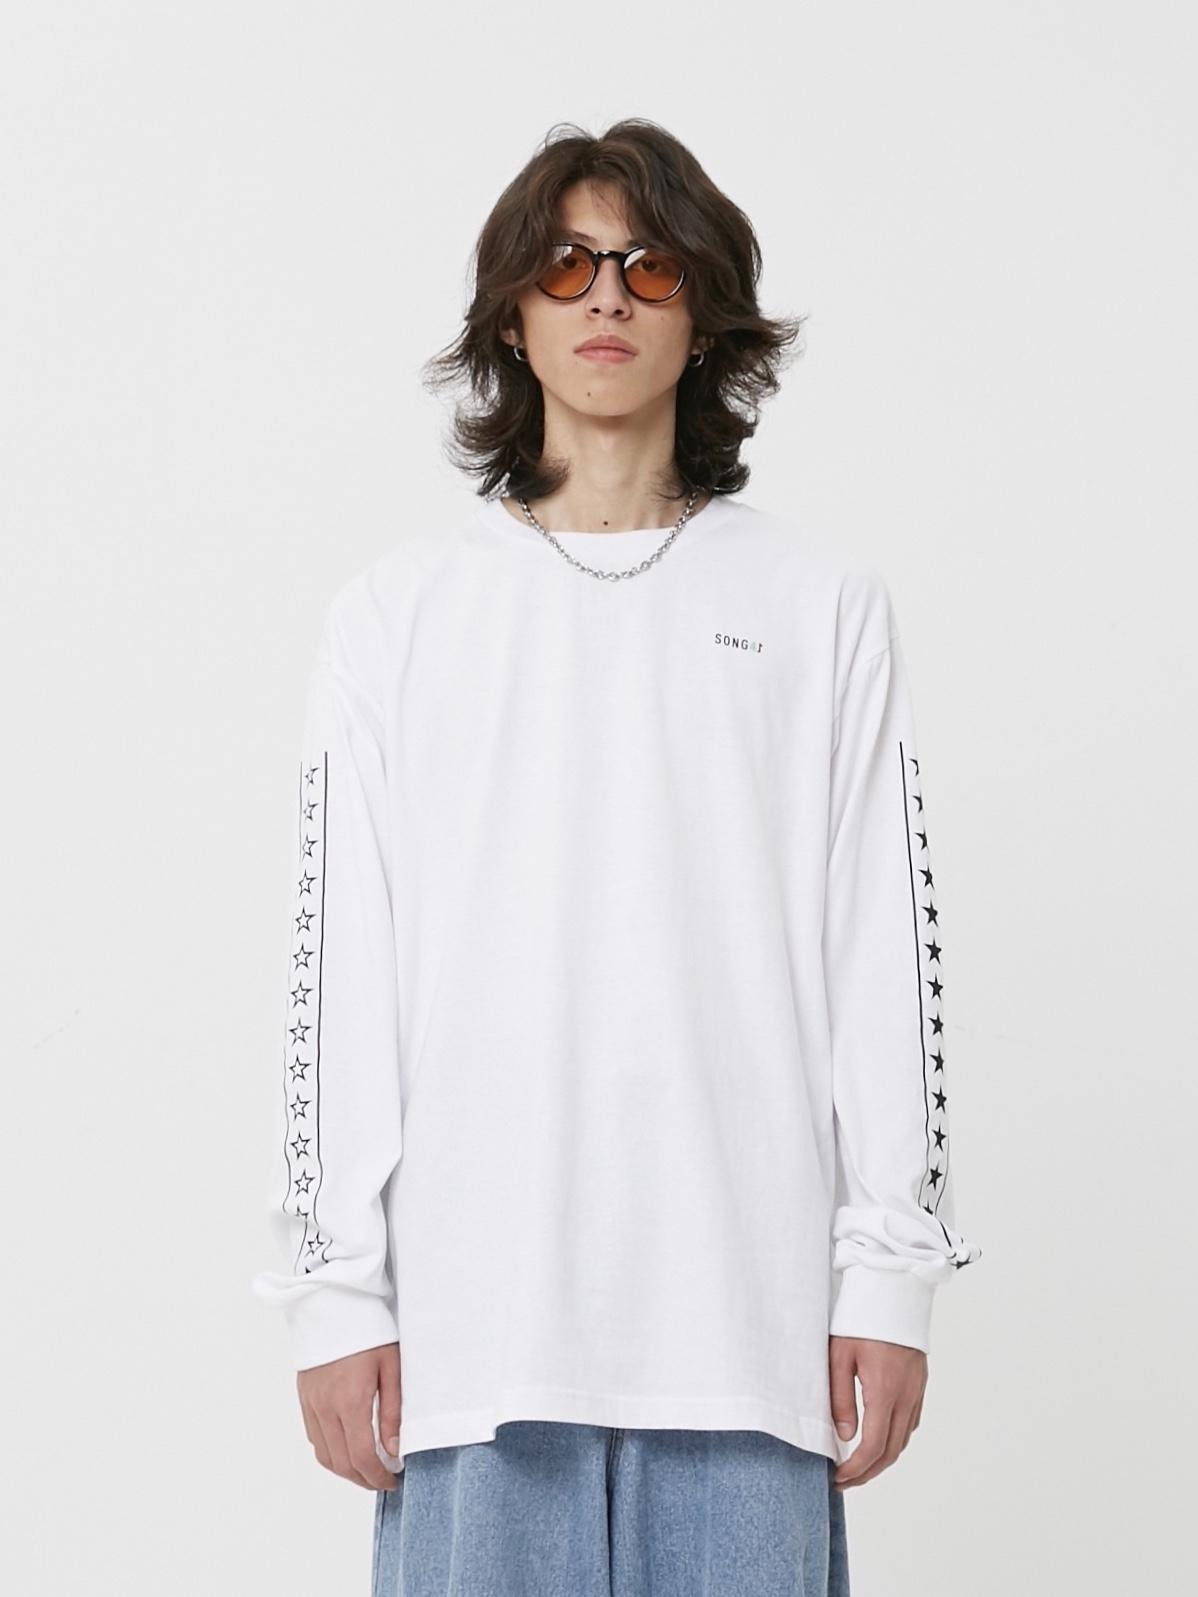 SONG41原创设计日系街头潮流宽松薄款情侣五角星串标长袖T恤